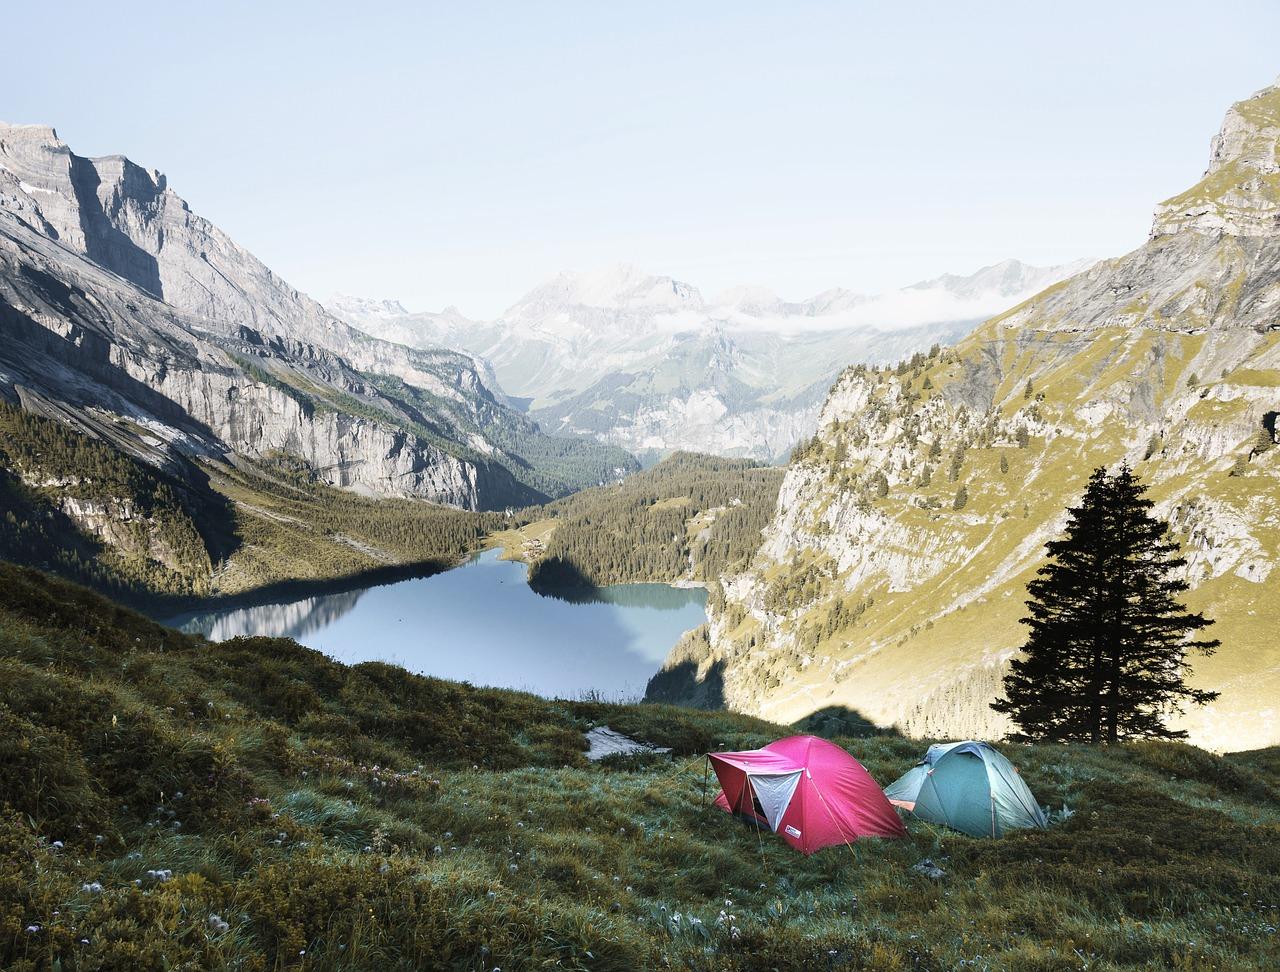 Mit einem Zelt bist Du sehr flexibel was die Wahl des Schlafplatzes angeht. Besonders leichte und kompakte Modelle, können überall mit hin genommen werden.